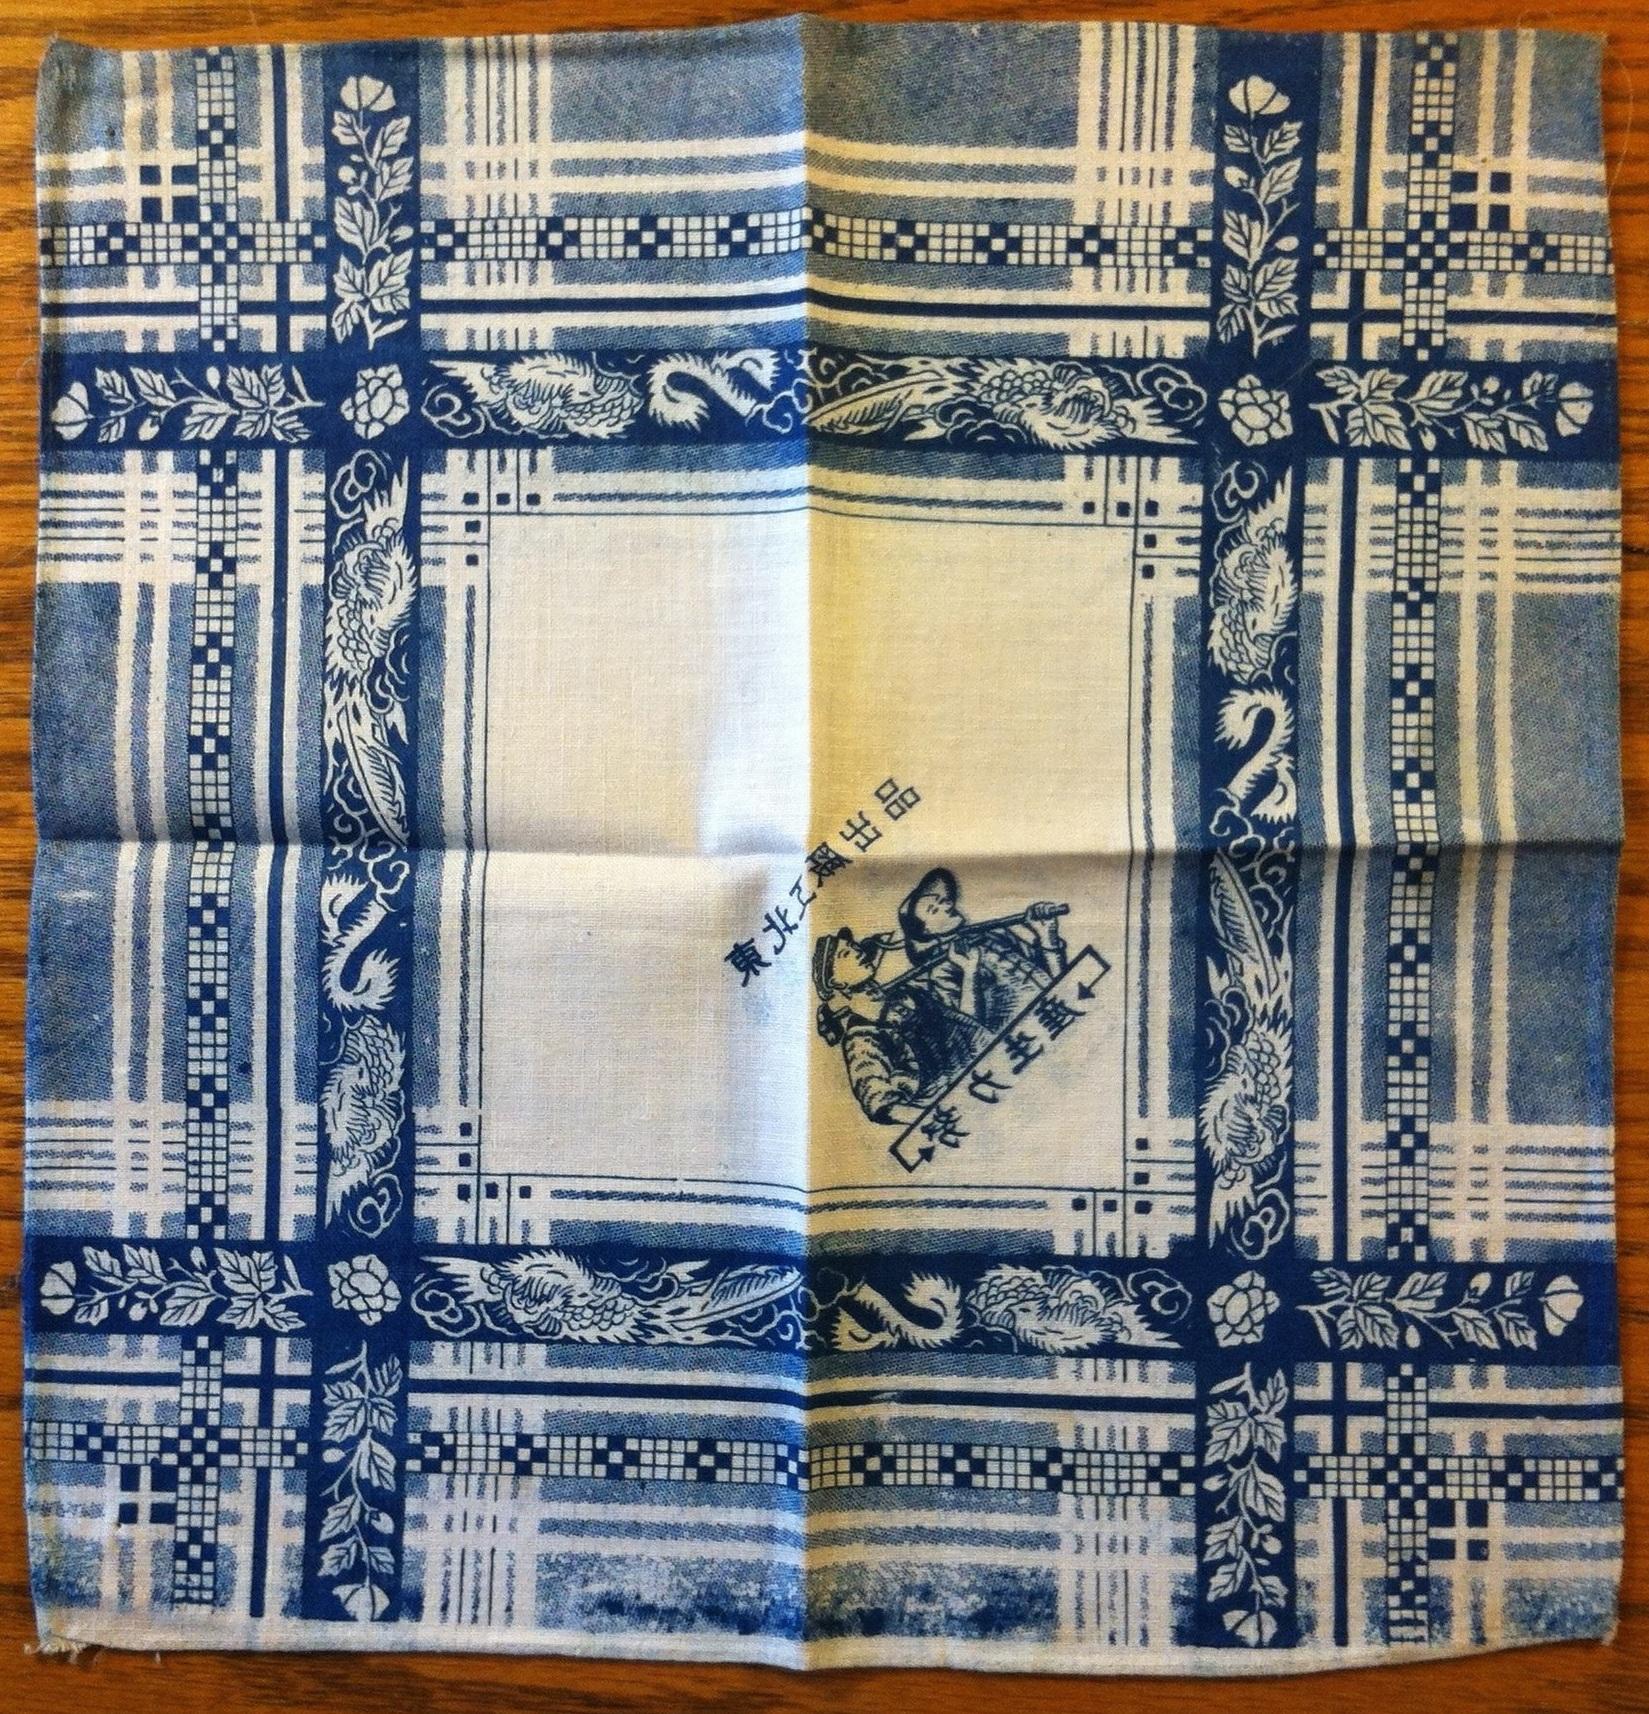 Handkerchief (Beijing, 1949)